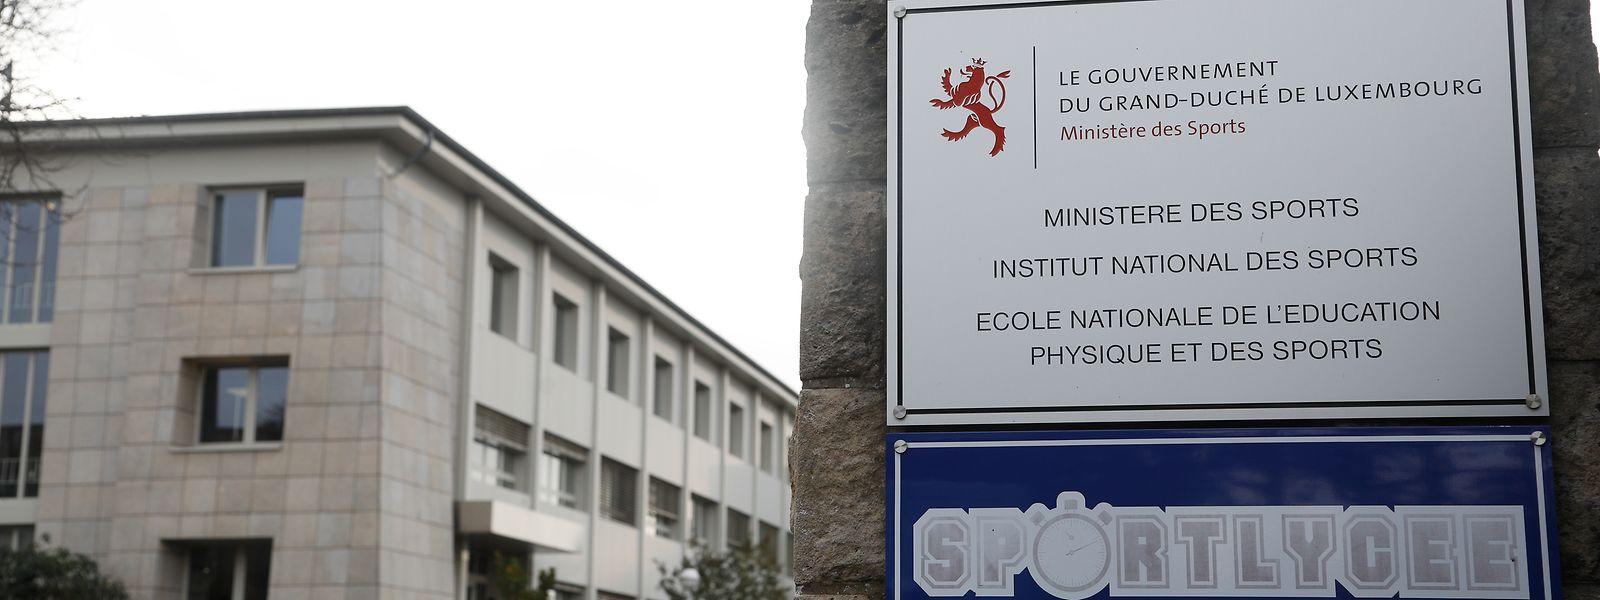 Das Sportministerium will die Zugangskriterien für wichtige Posten neu definieren. Das betrifft den Posten des Sportkommissars und die Leitung der nationalen Sportschule (ENEPS).